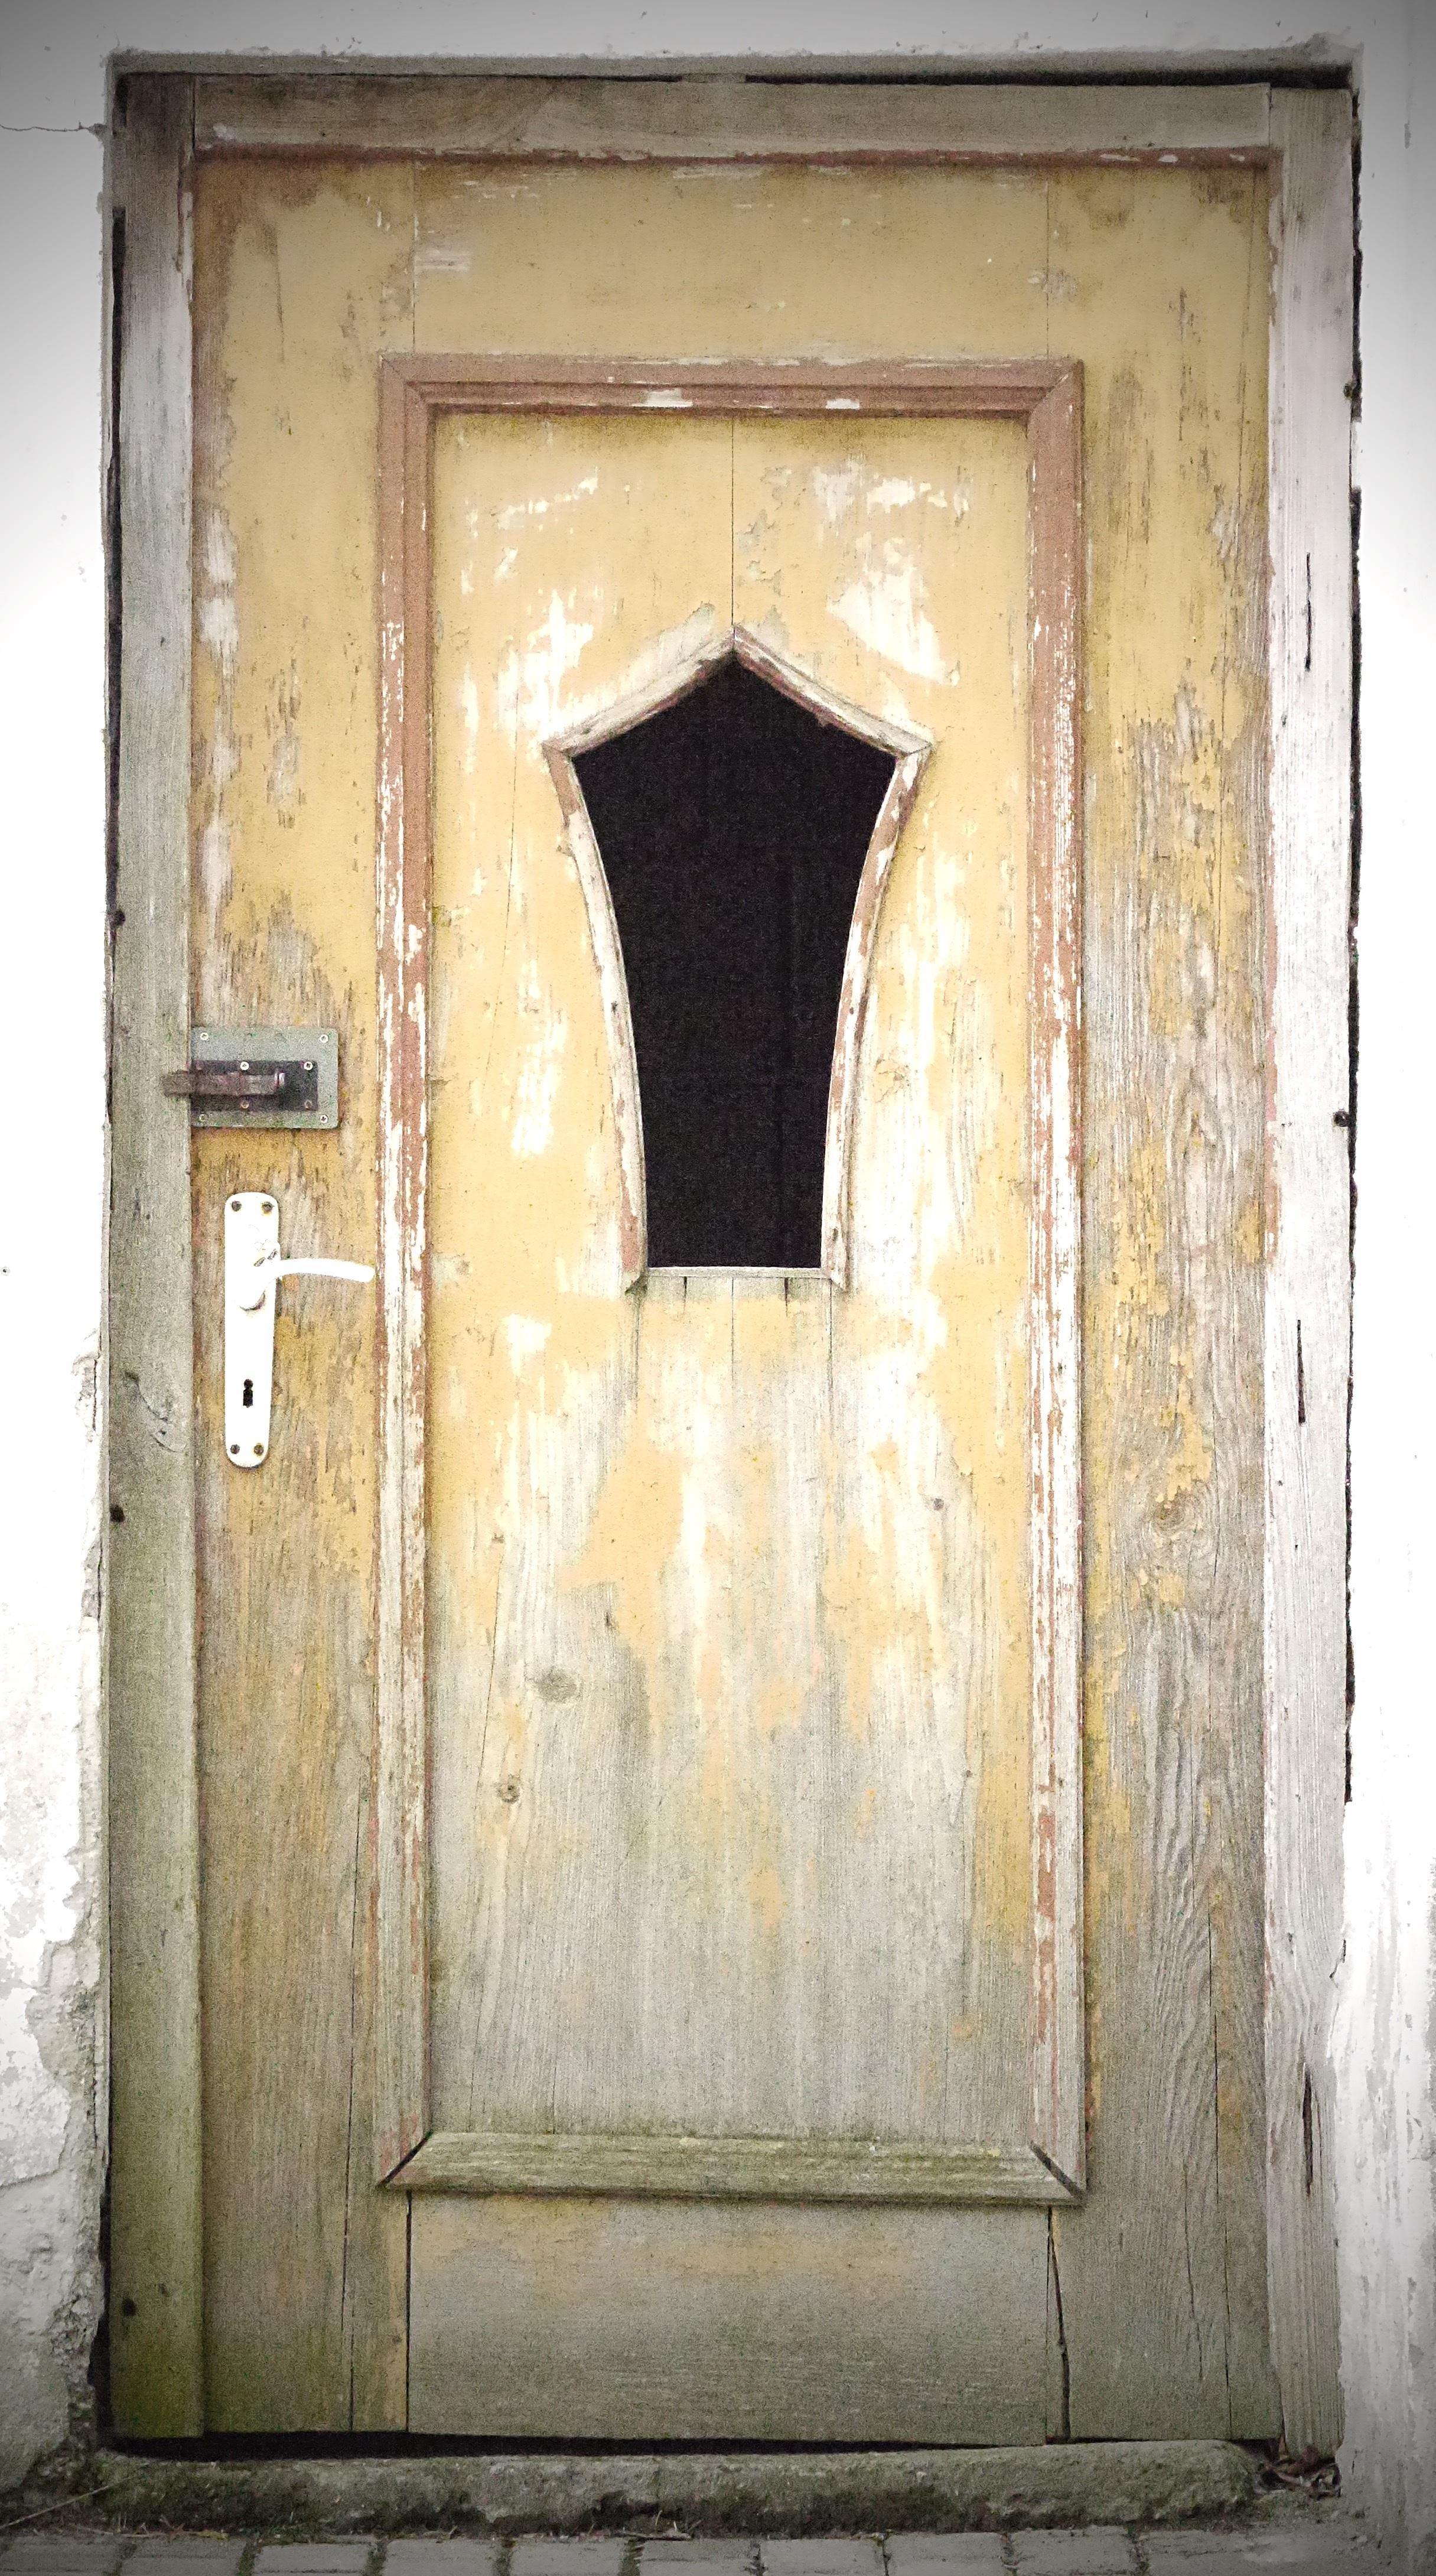 Fotos gratis : ventana, pared, rústico, arco, fachada, capilla ...